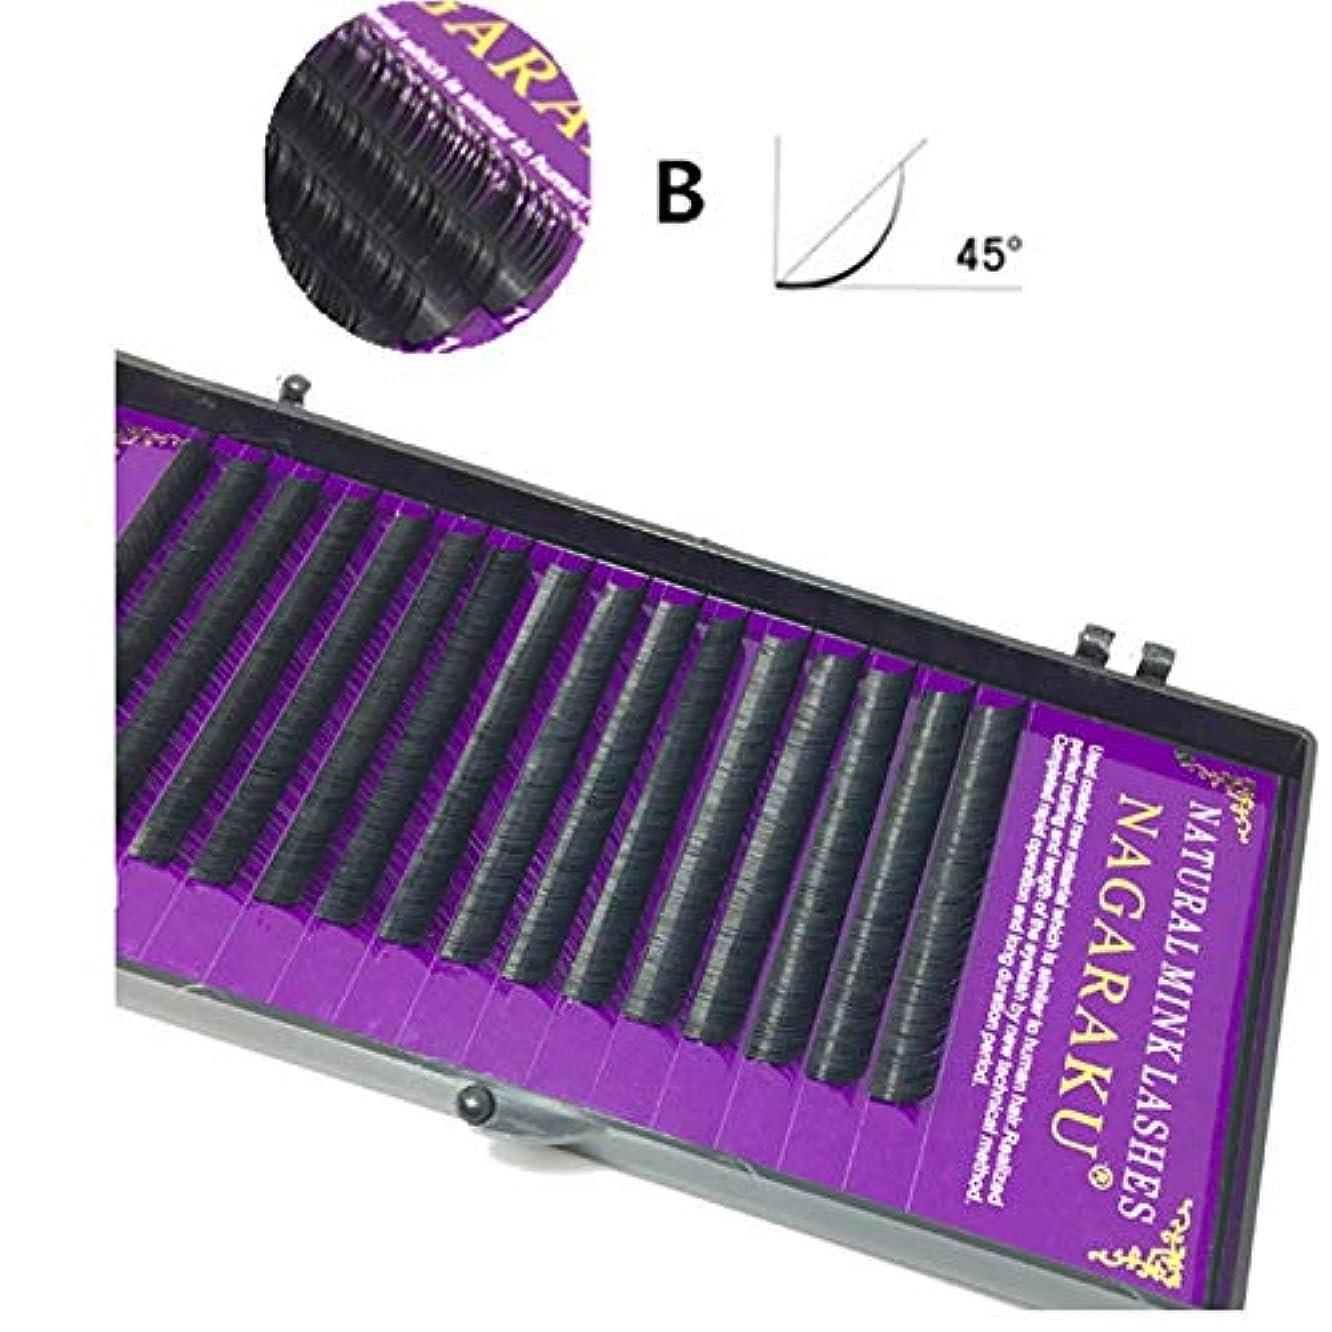 アジア人チャンピオンシップ肺炎美容アクセサリー 16行ナチュラルメイクまつ毛黒つけまつげアイまつげエクステンションツール、カール:B、厚さ:0.10 mm(8 mm) 写真美容アクセサリー (色 : 10mm)